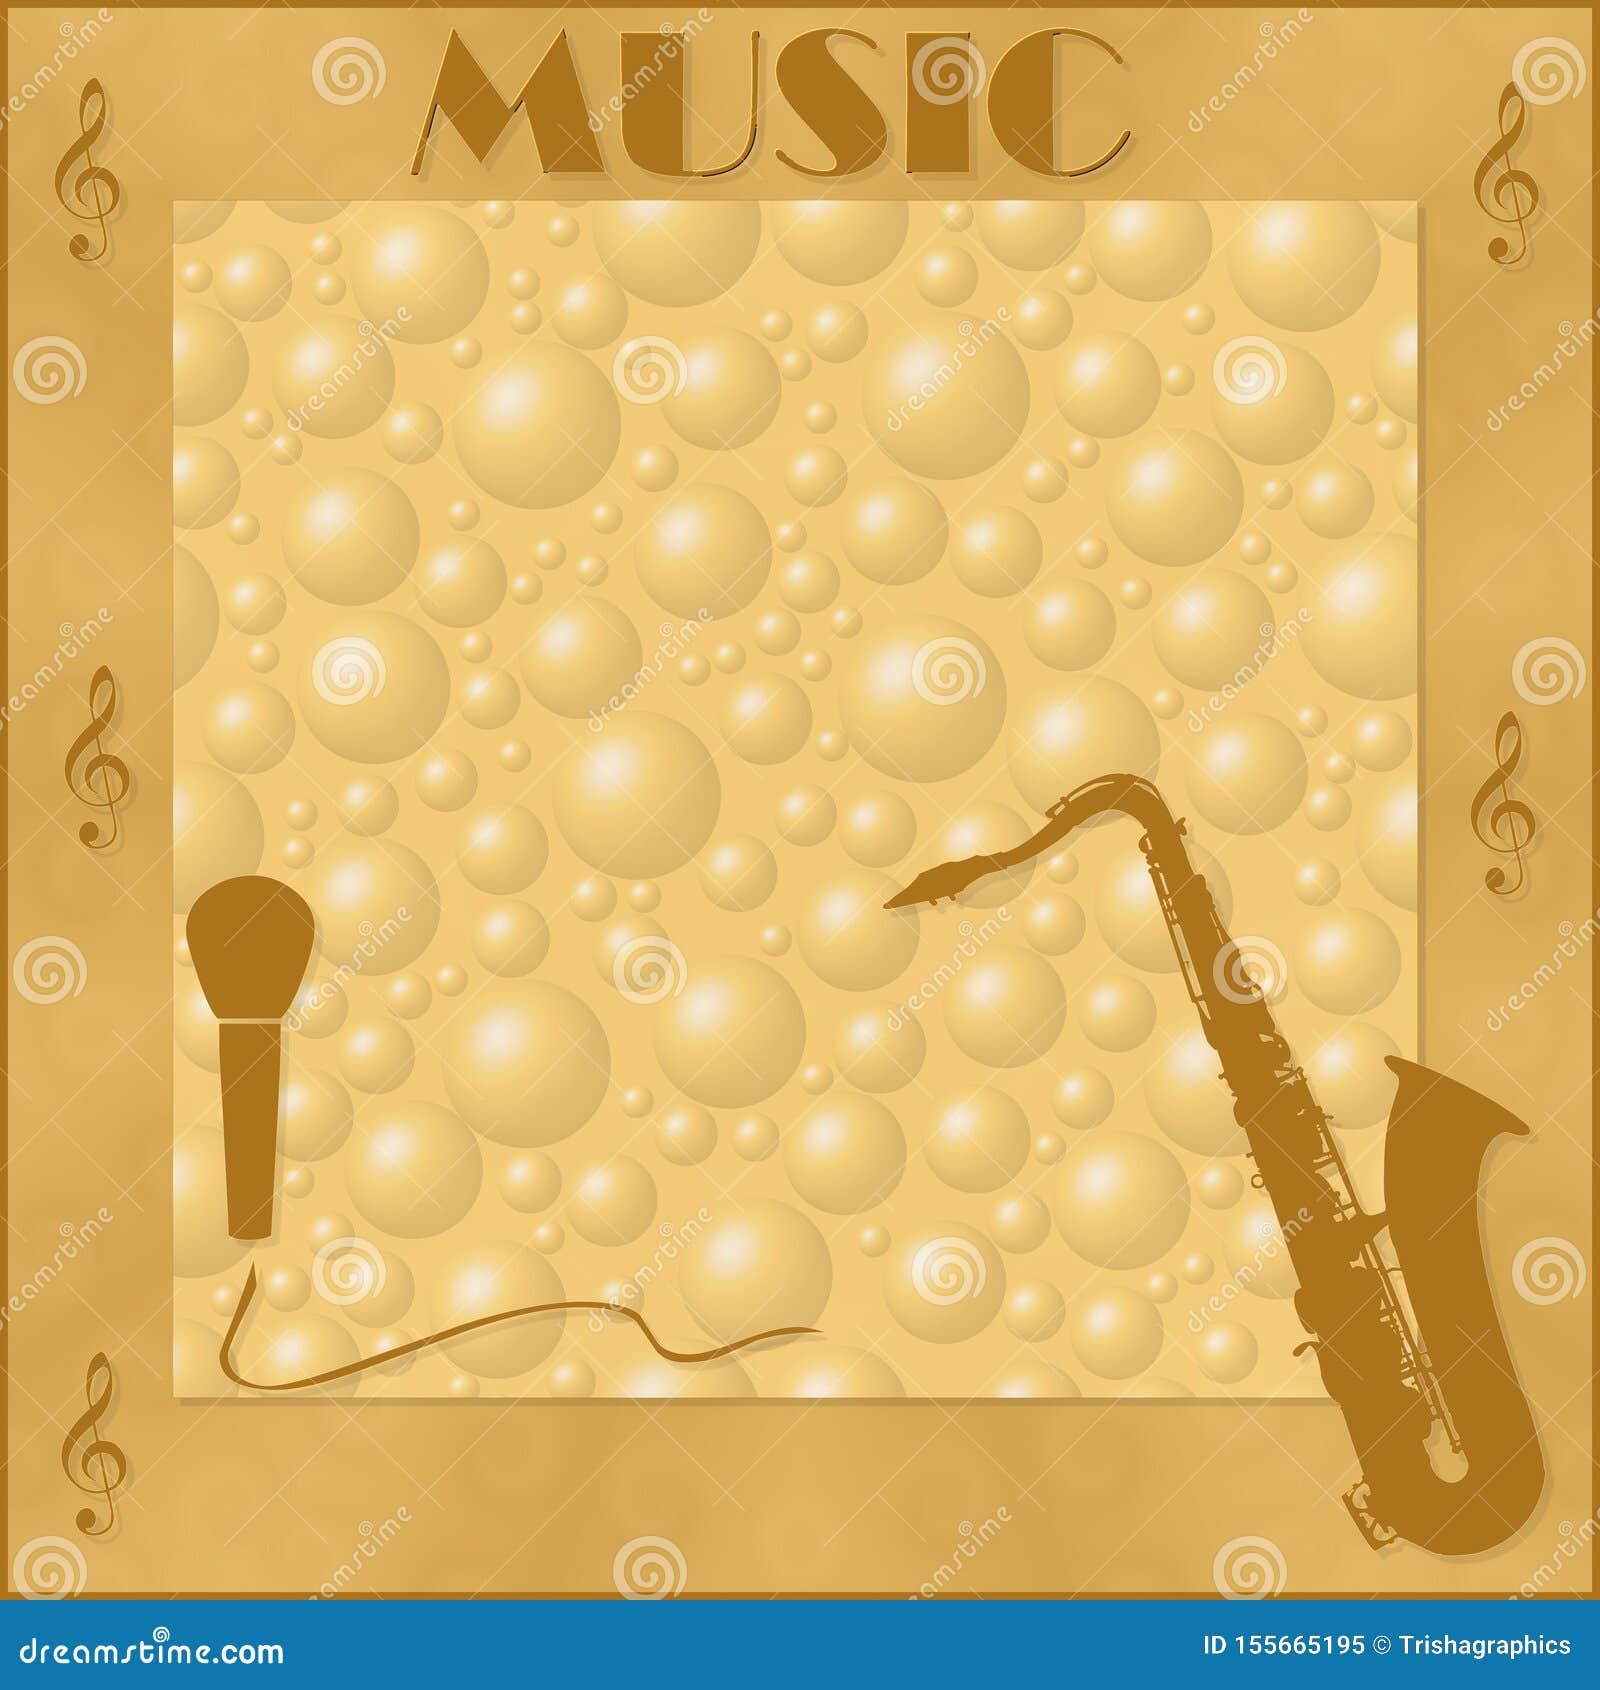 Элегантная рамка с музыкальными инструментами